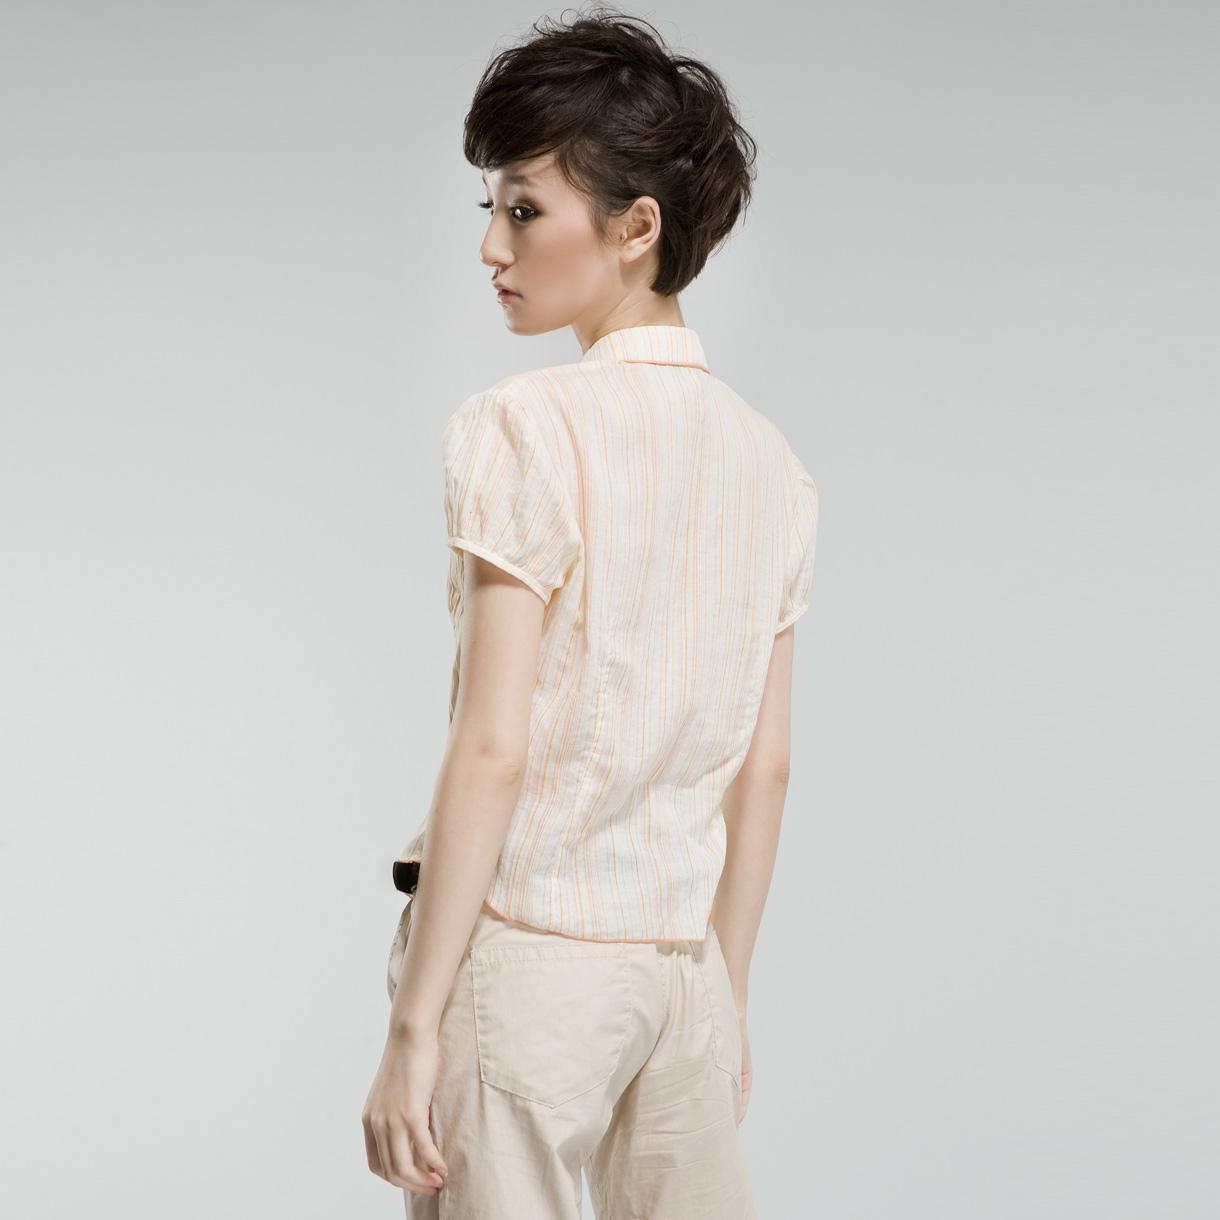 женская рубашка S.deer 8680401 Sdeer